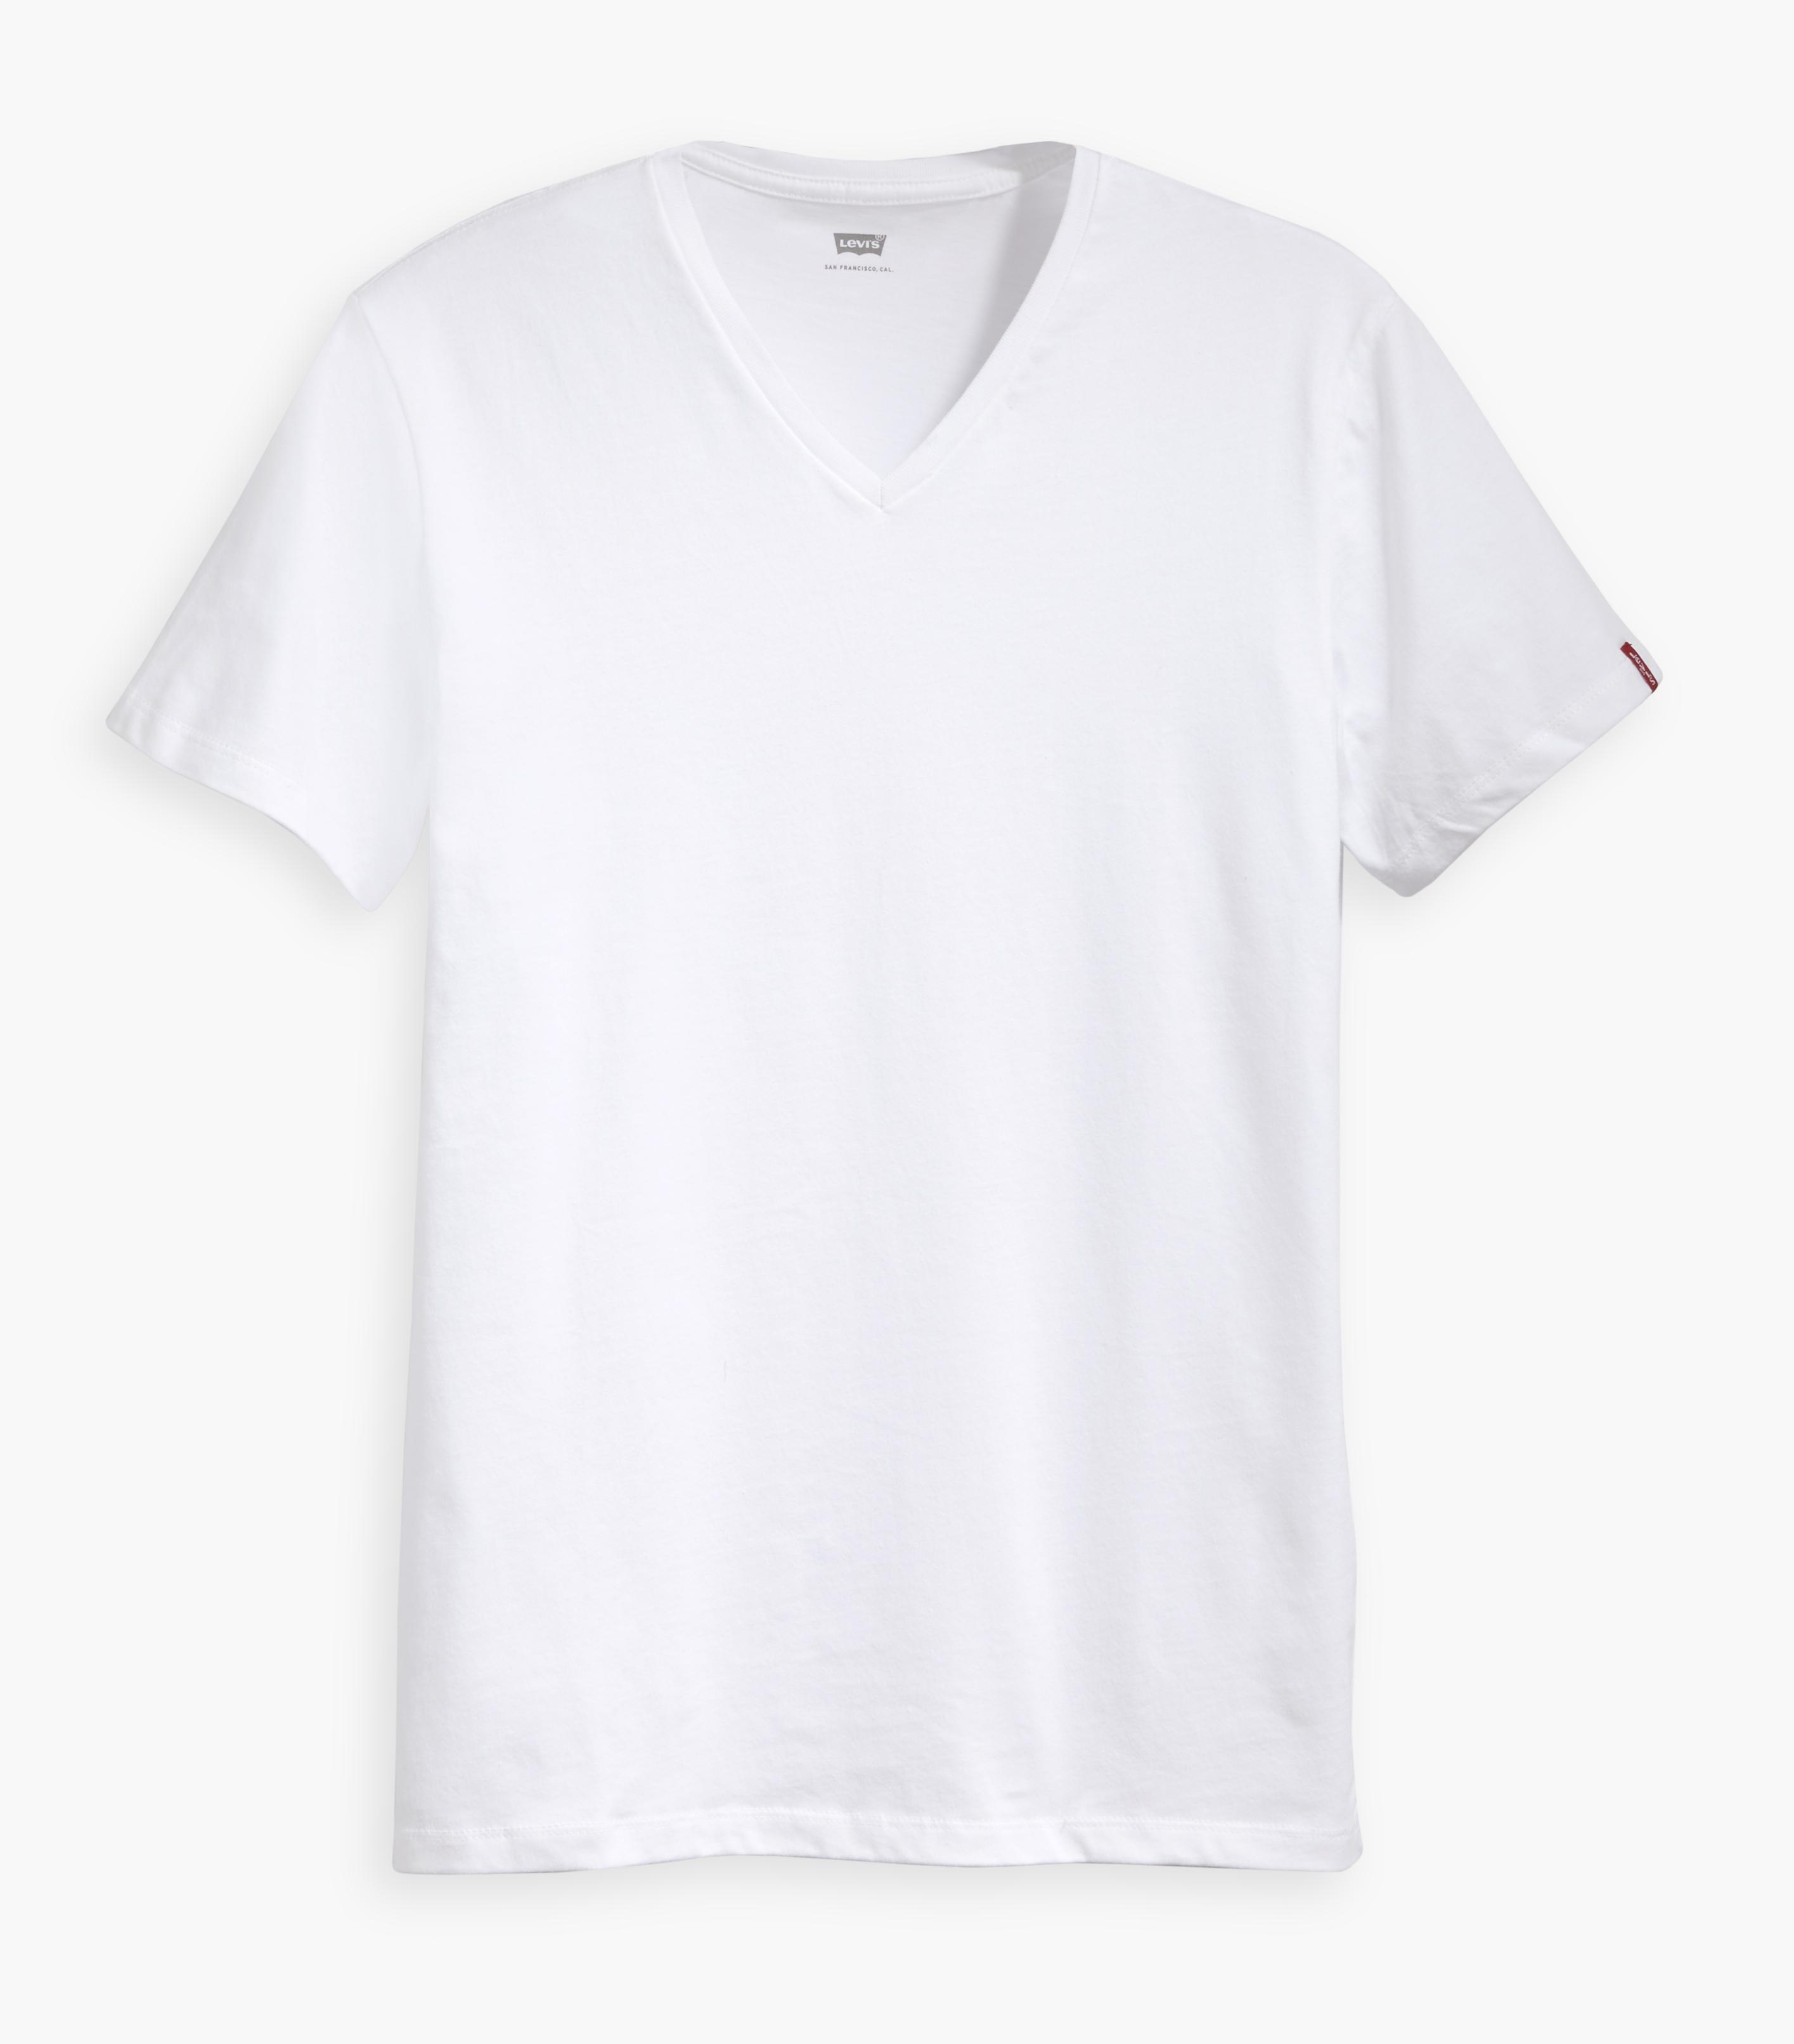 LEVIS 2er Pack Shirts V-Ausschnitt T-Shirt 82983-0004 W18-LVT1